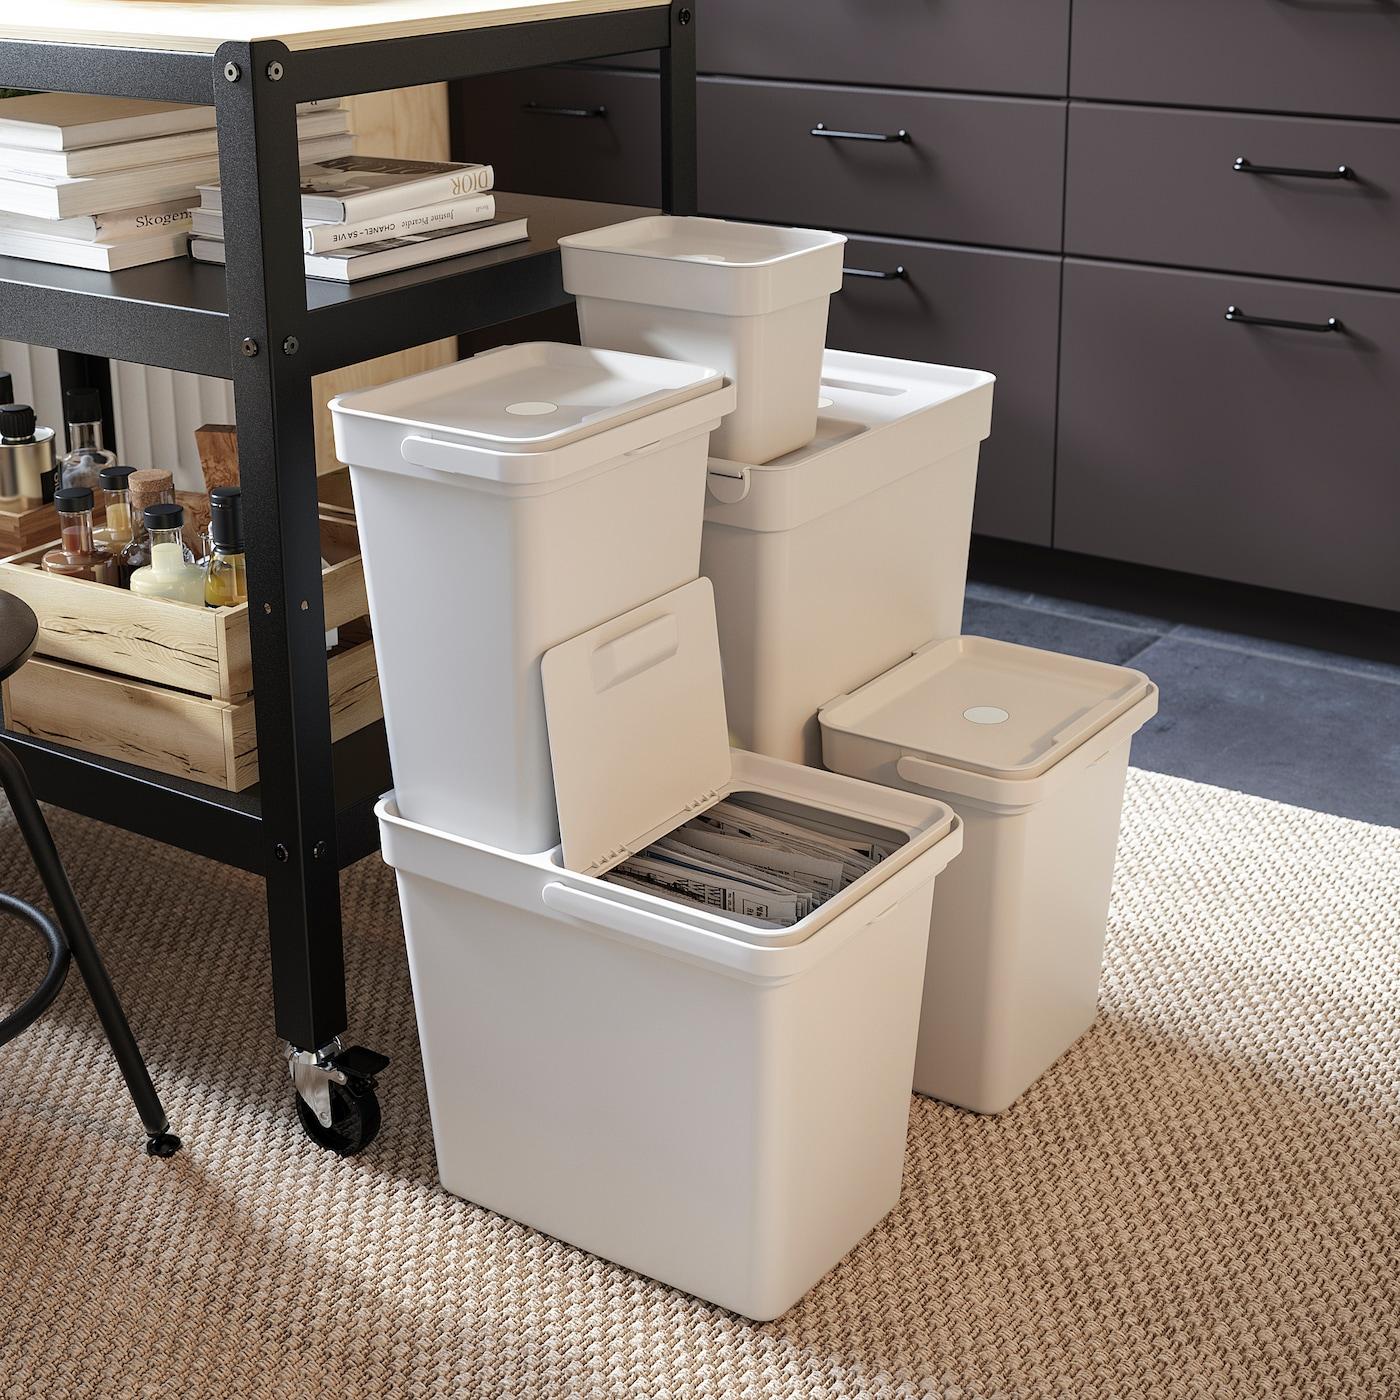 Full Size of Abfallbehälter Ikea Sofa Mit Schlaffunktion Miniküche Küche Kaufen Modulküche Kosten Betten Bei 160x200 Wohnzimmer Abfallbehälter Ikea